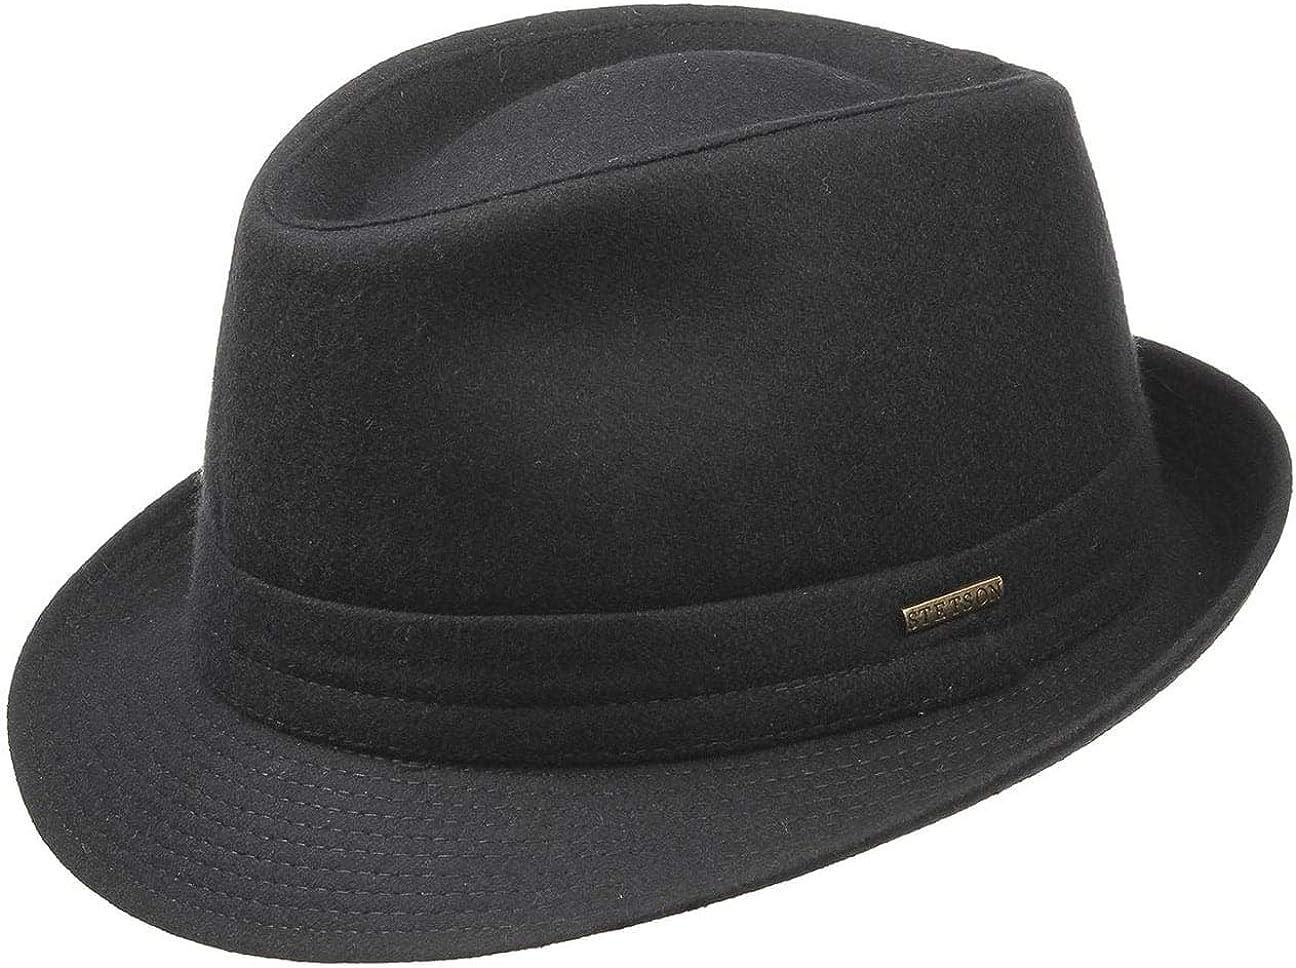 Stetson Benavides Trilby Sombrero Mujer/Hombre - Sombrero de Fieltro de Lana - Fabricado en Italia - Sombrero de Hombre Invierno con Revestimiento de teflón - Otoño/Invierno